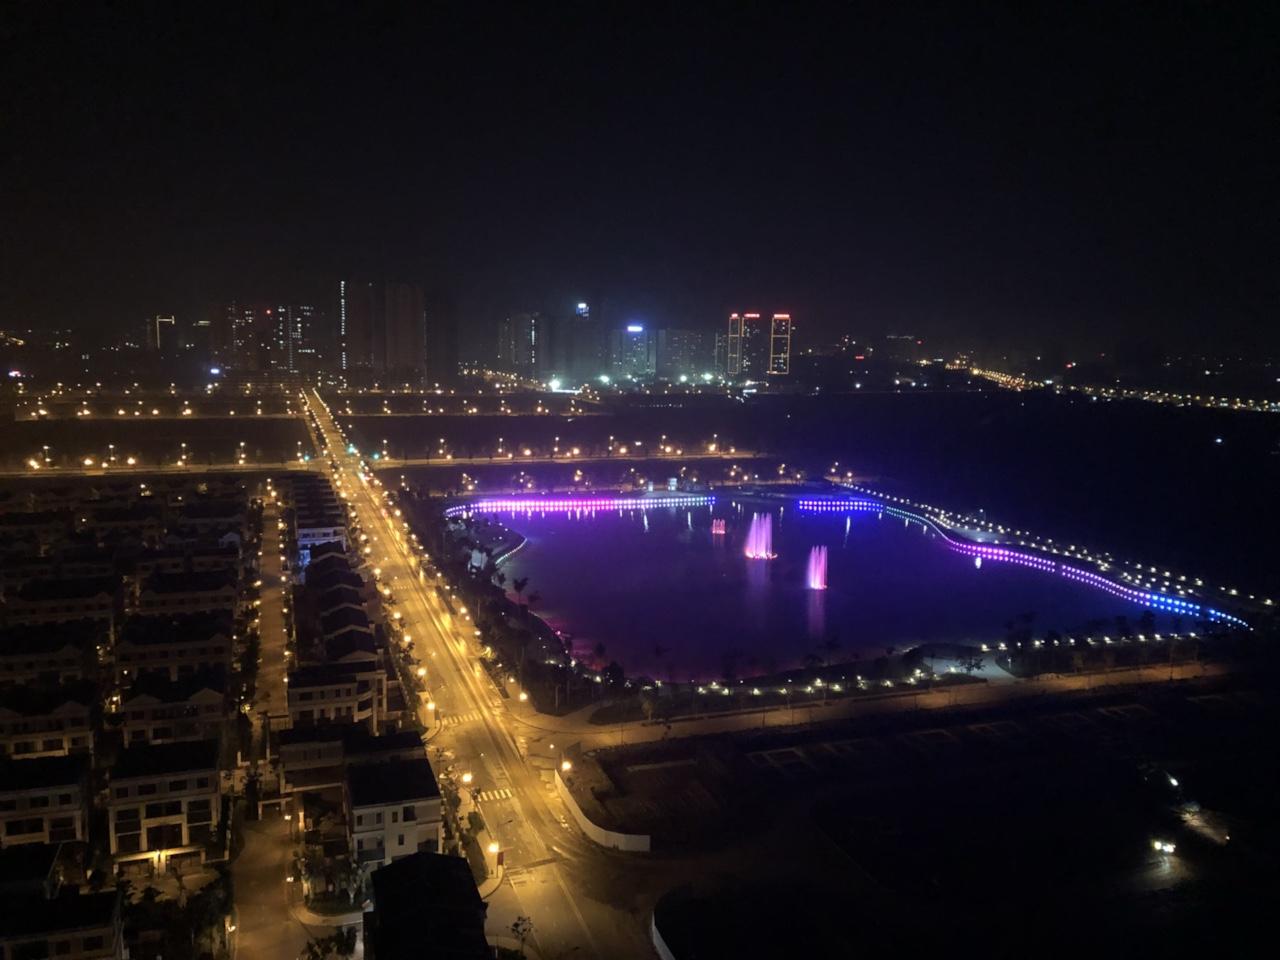 6th Element đẳng cấp nhất trục được Nguyễn Văn Huyên, bao trọn tầm nhìn Hồ Tây và Khu đô thị Tây Hồ Tây